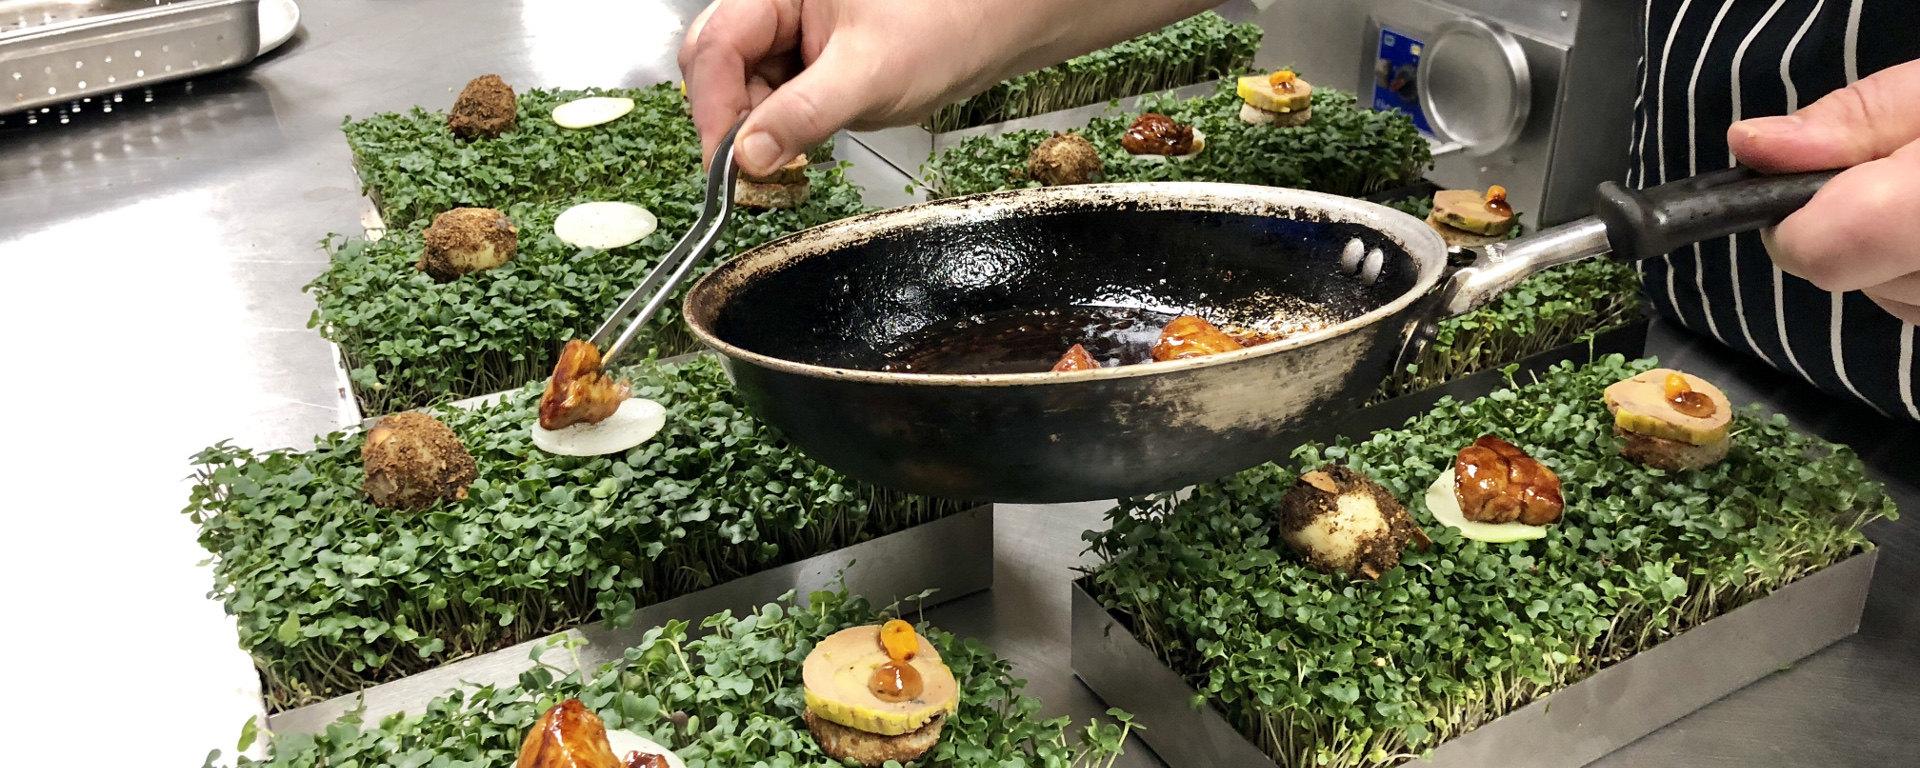 Casser Un Bar De Cuisine dressage gastronomique : casser le moule | restos / bars